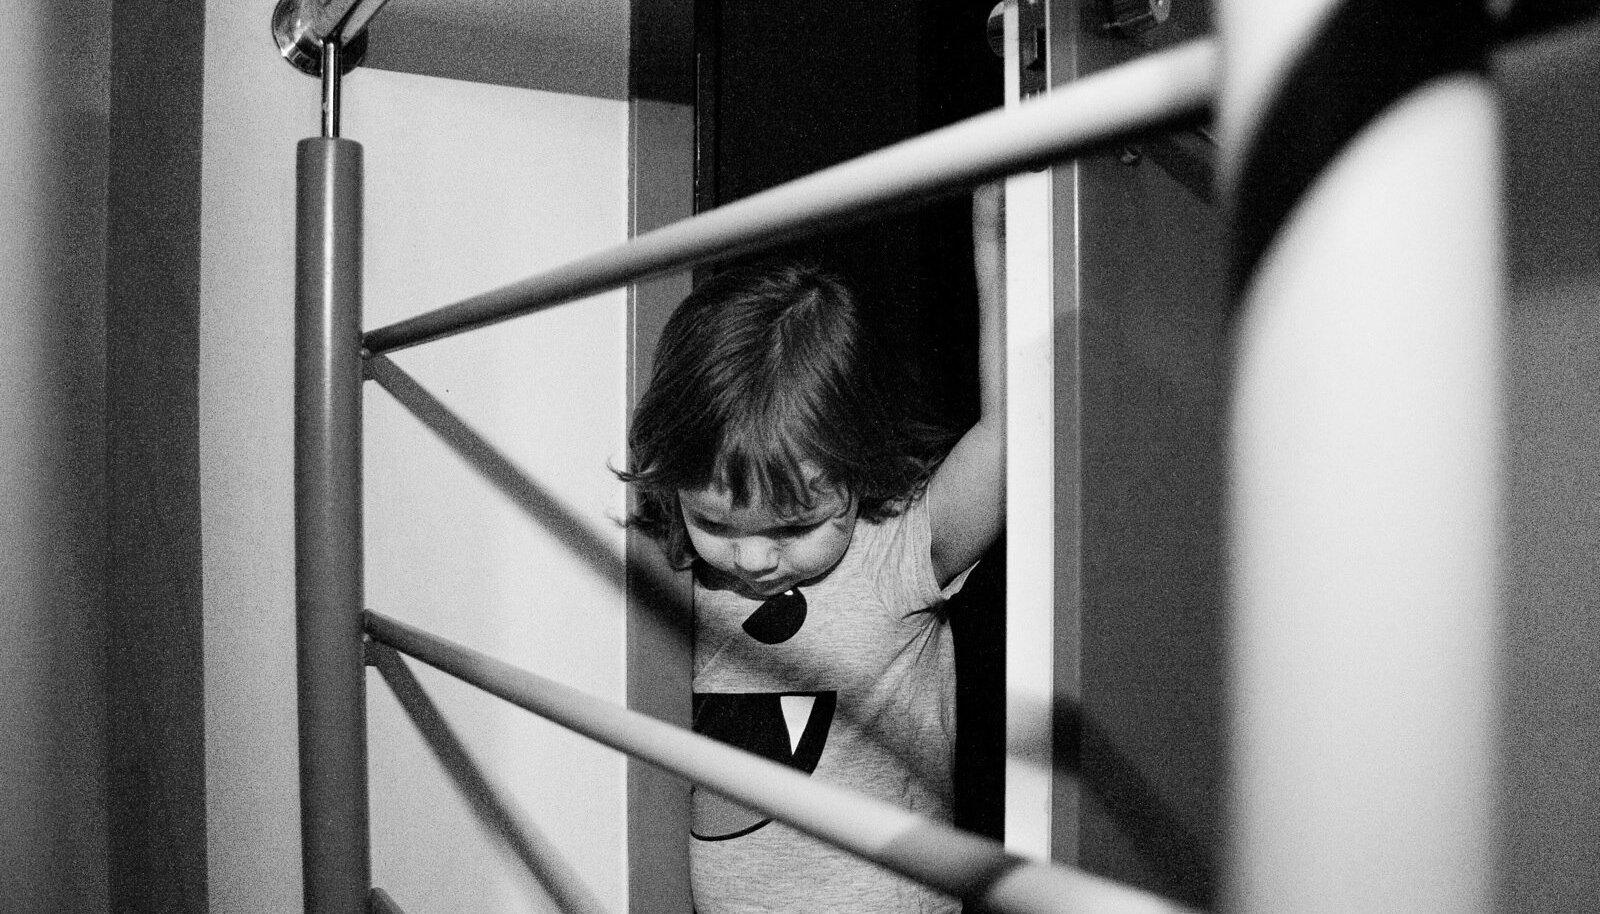 Soomes elanud eestlasest isa ja austraallannast ema peeti kinni seetõttu, et nad olid võtnud Soomes neist ajutiselt eraldatud ja asenduskodusse paigutatud lapse salaja kaasa ja põgenesid temaga riigist. Pilt on illustreeriv.